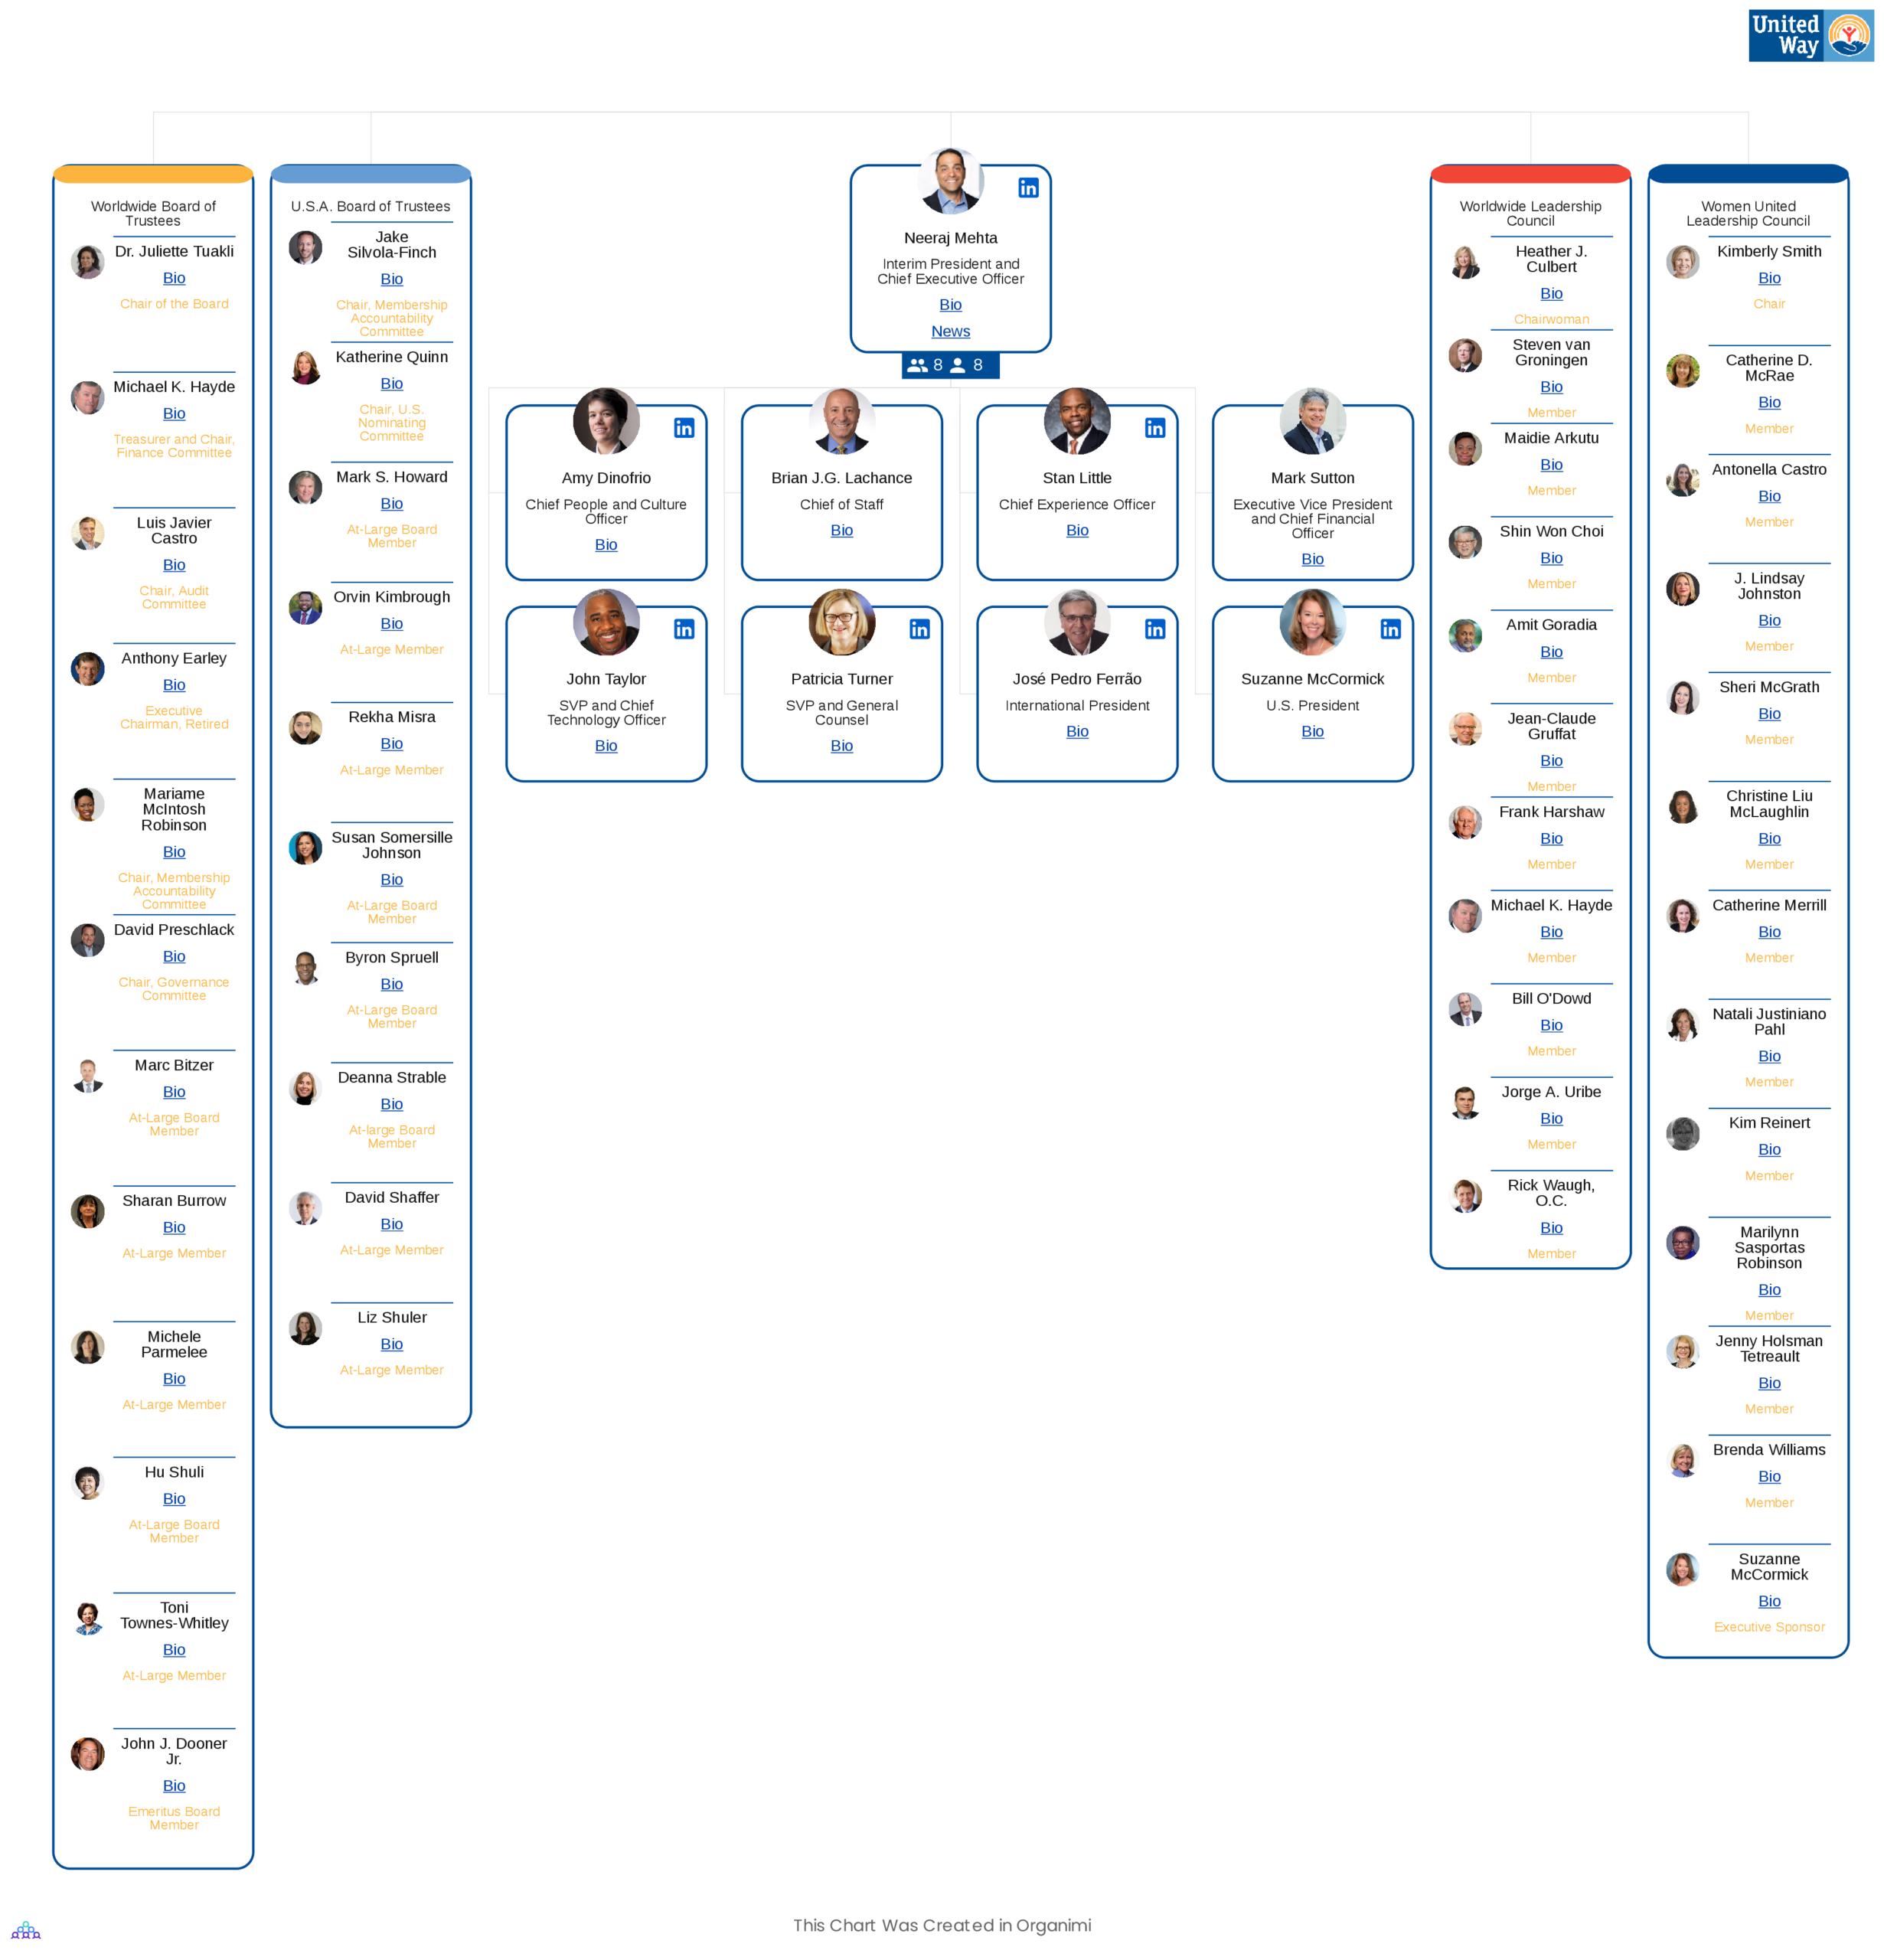 United Way Organizational Chart